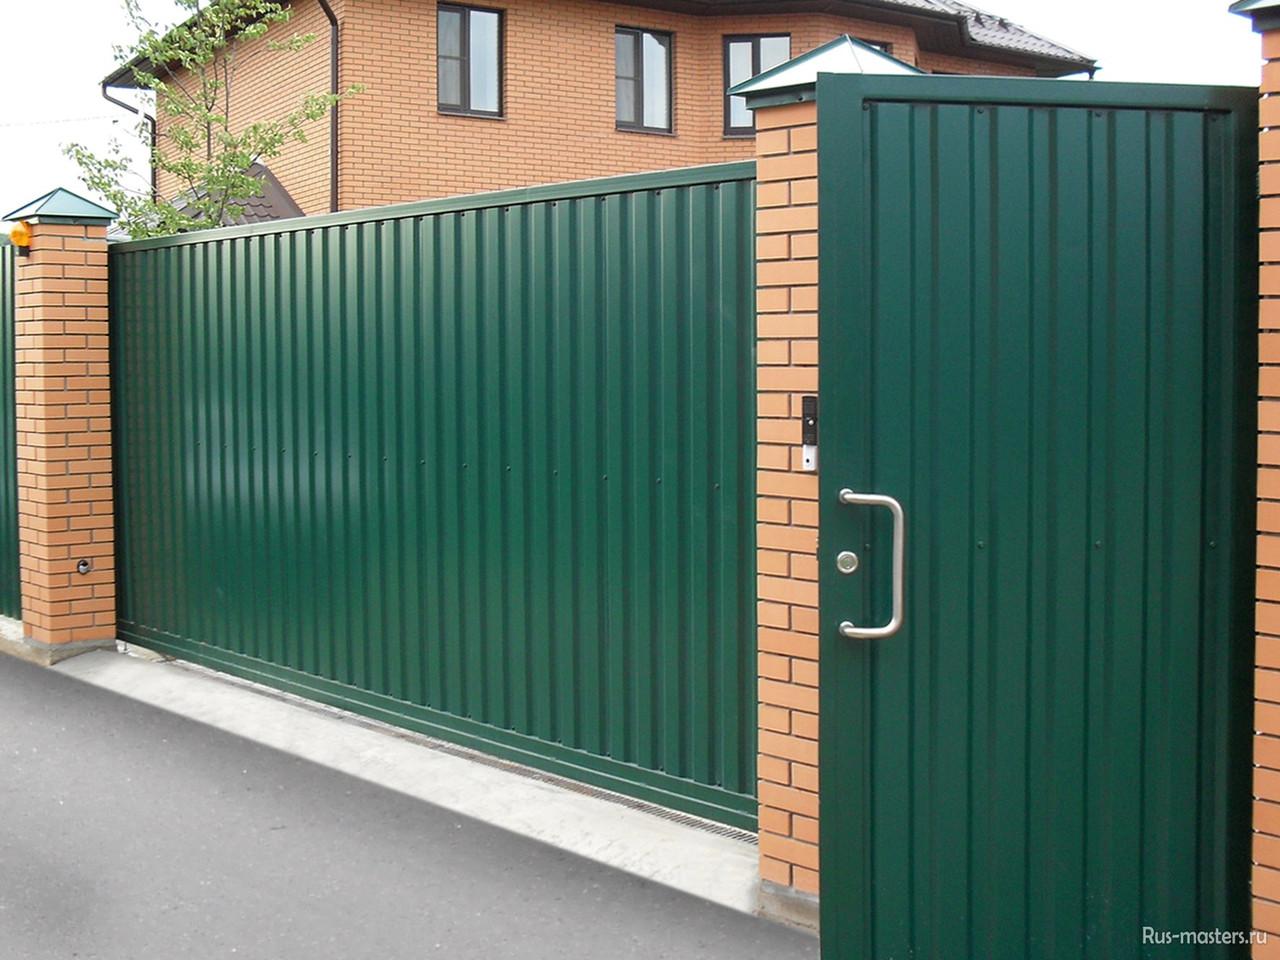 Откатные ворота из профилированного листа 3400х1800 зеленого цвета